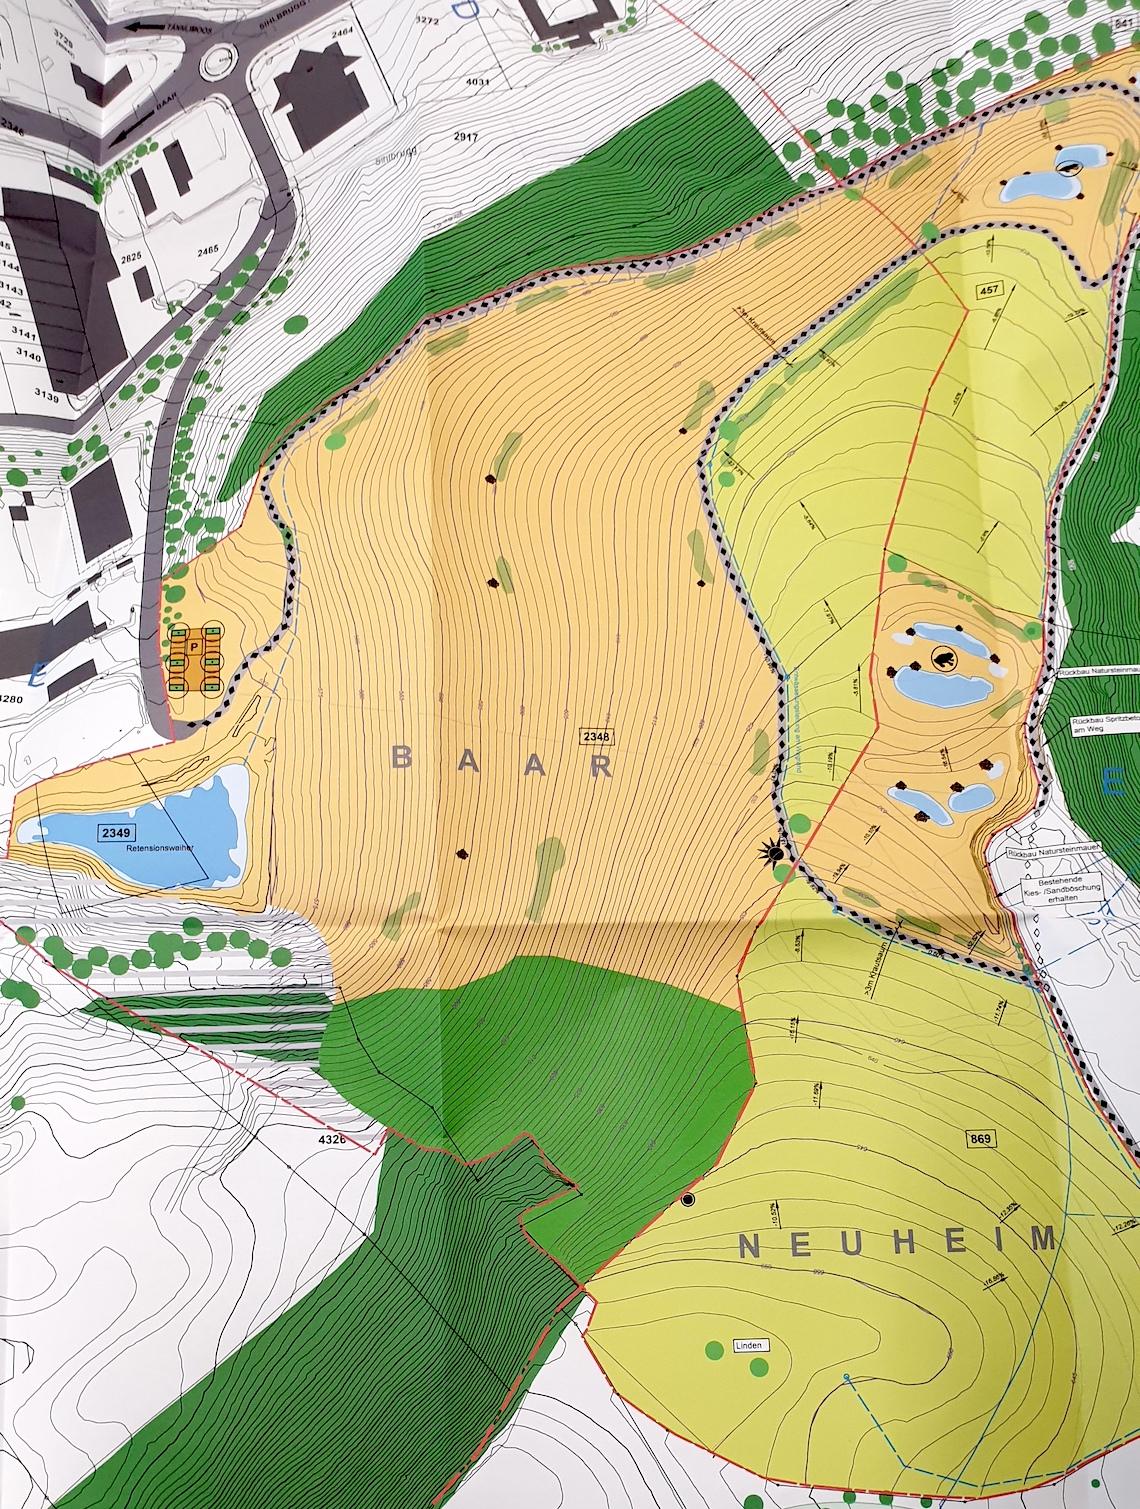 Neuer Endgestaltungplan. Beige = Ausgleichsflächen, hellgrün = Kulturland.